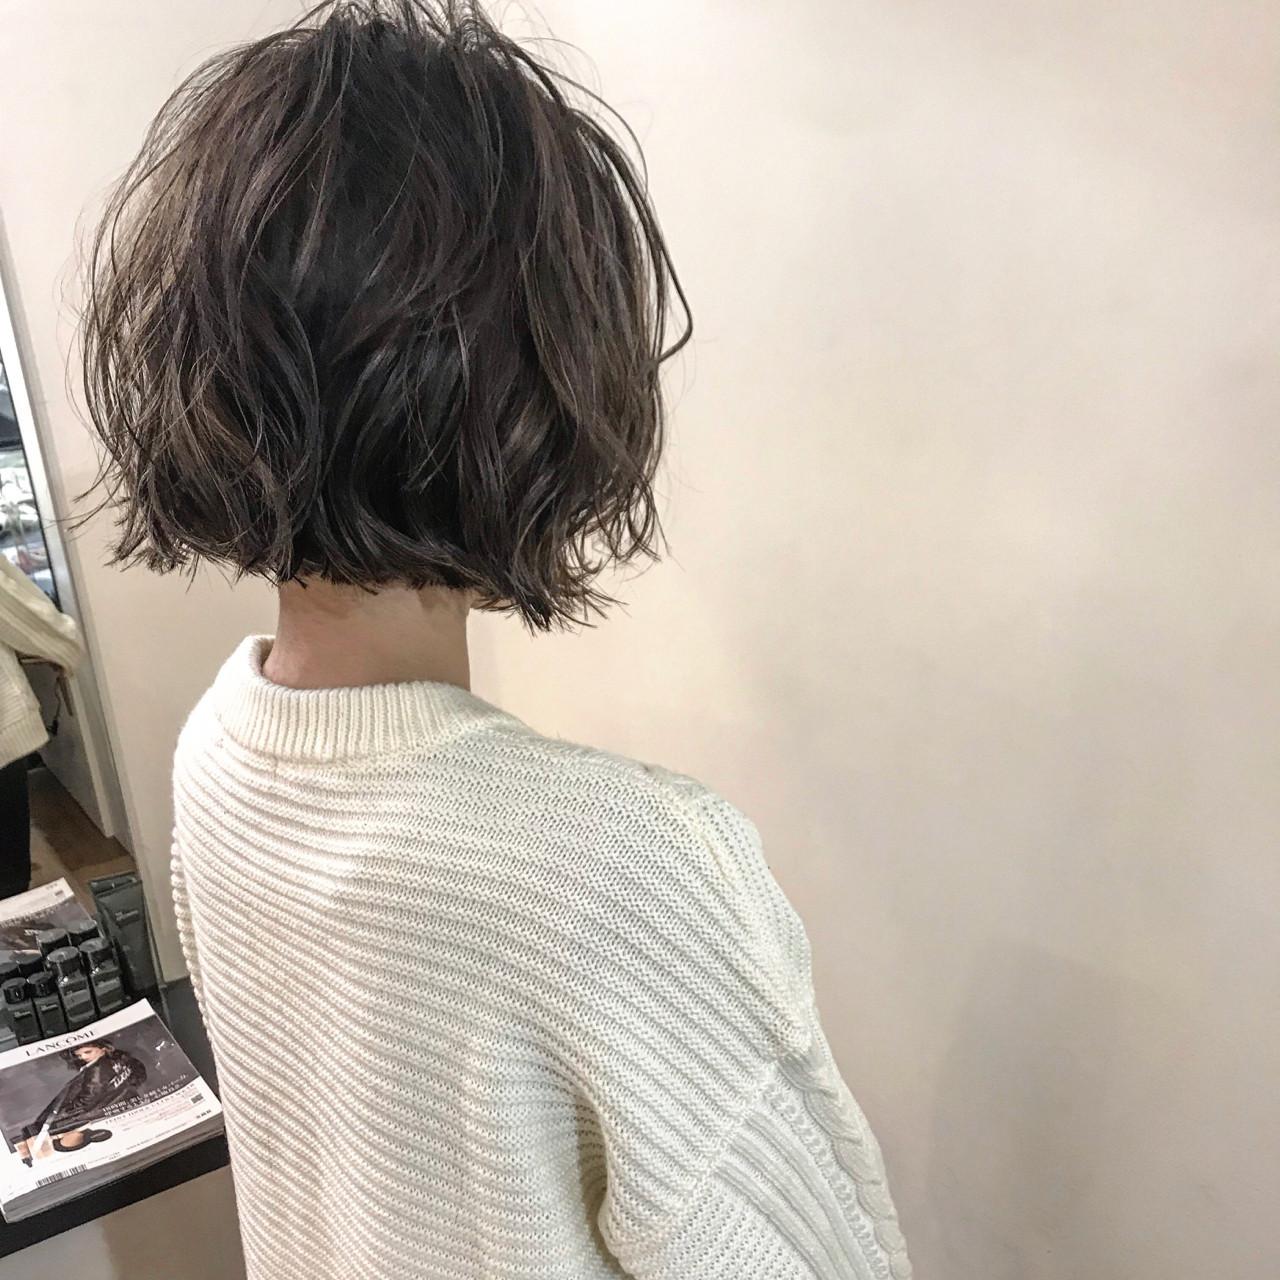 ゆるふわ ウェーブ アンニュイほつれヘア ボブ ヘアスタイルや髪型の写真・画像 | yumiko/sapporoSKNOW / SKNOW